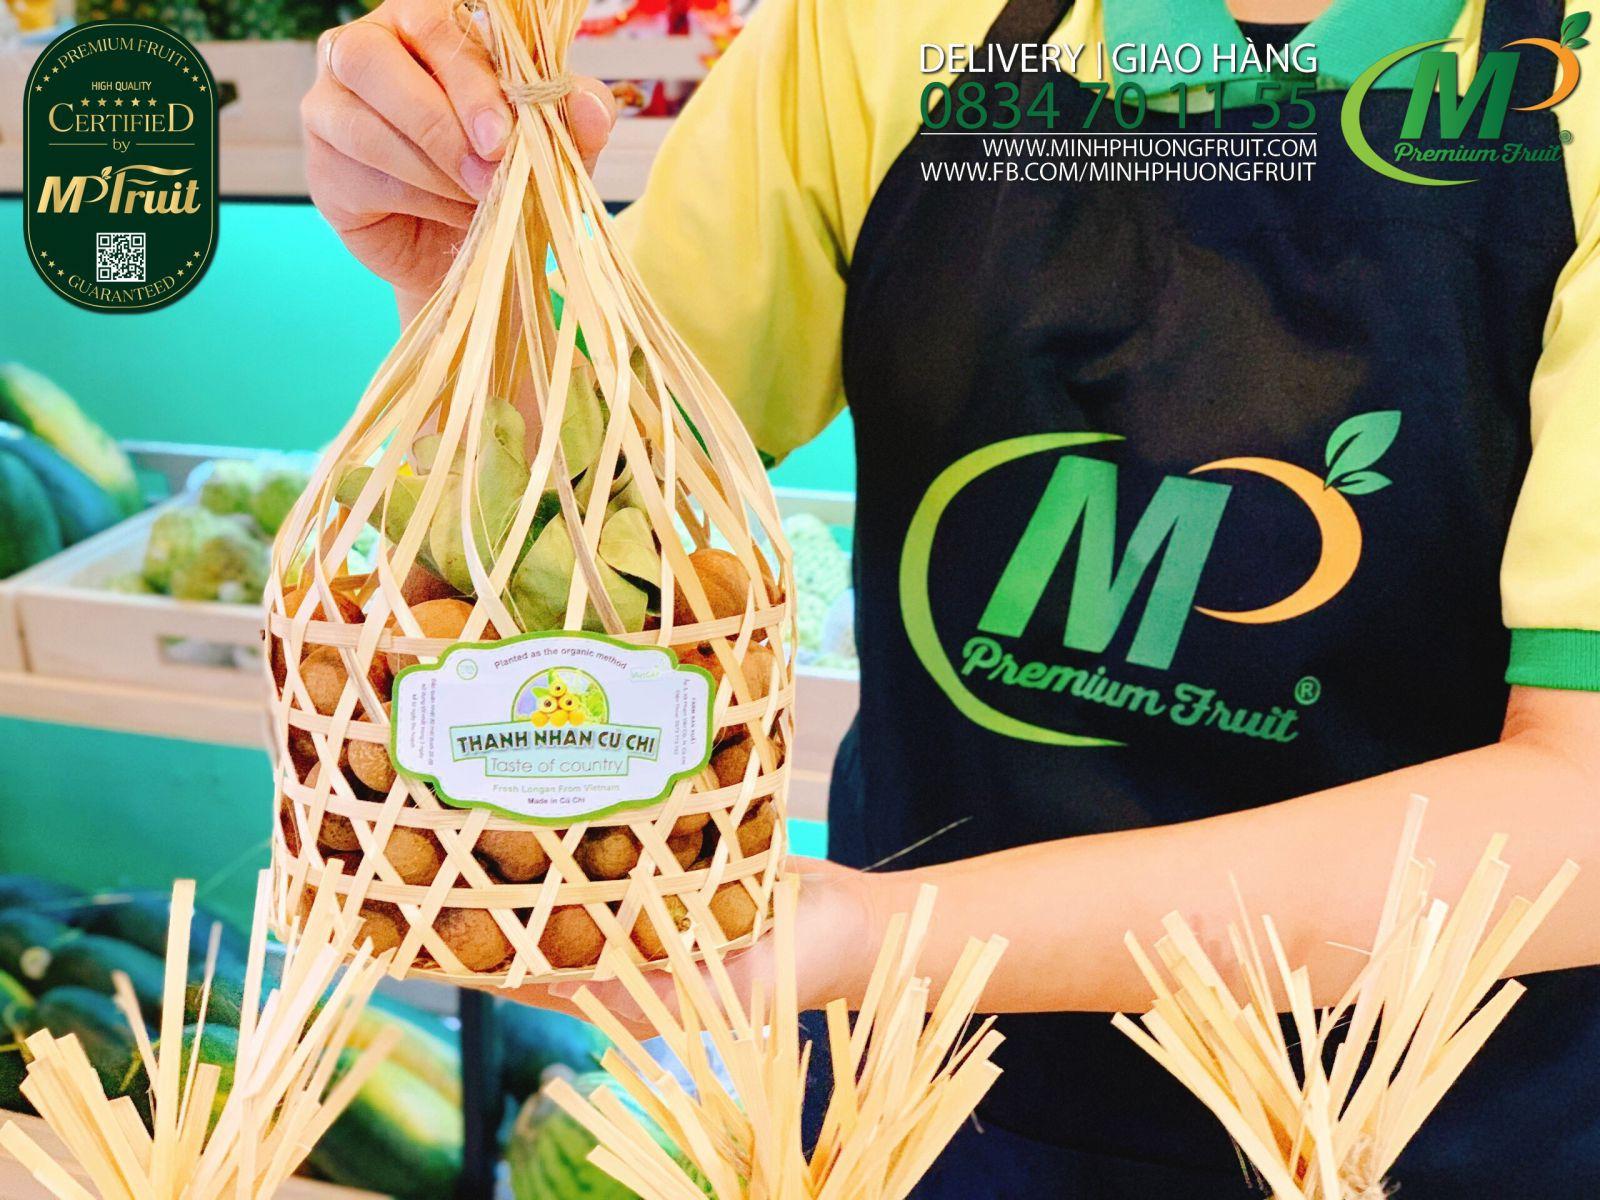 Thanh Nhãn Củ Chi tại MP Fruits